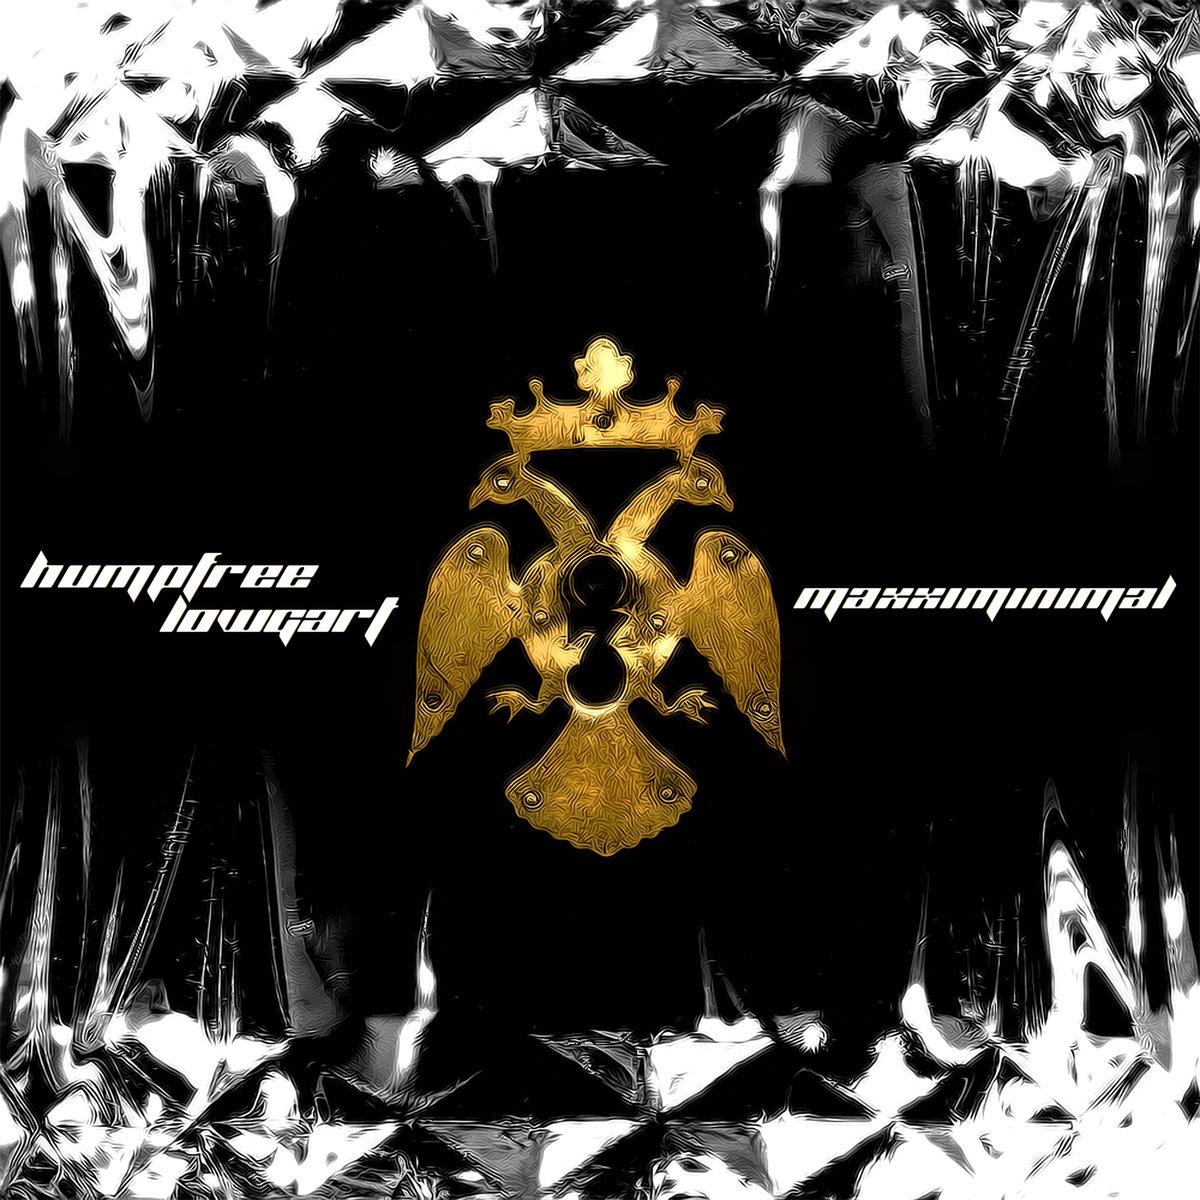 Humpfree LowGart - Tri-Stereo-Tops @ 'Maxximinimal' album (bass, chill)